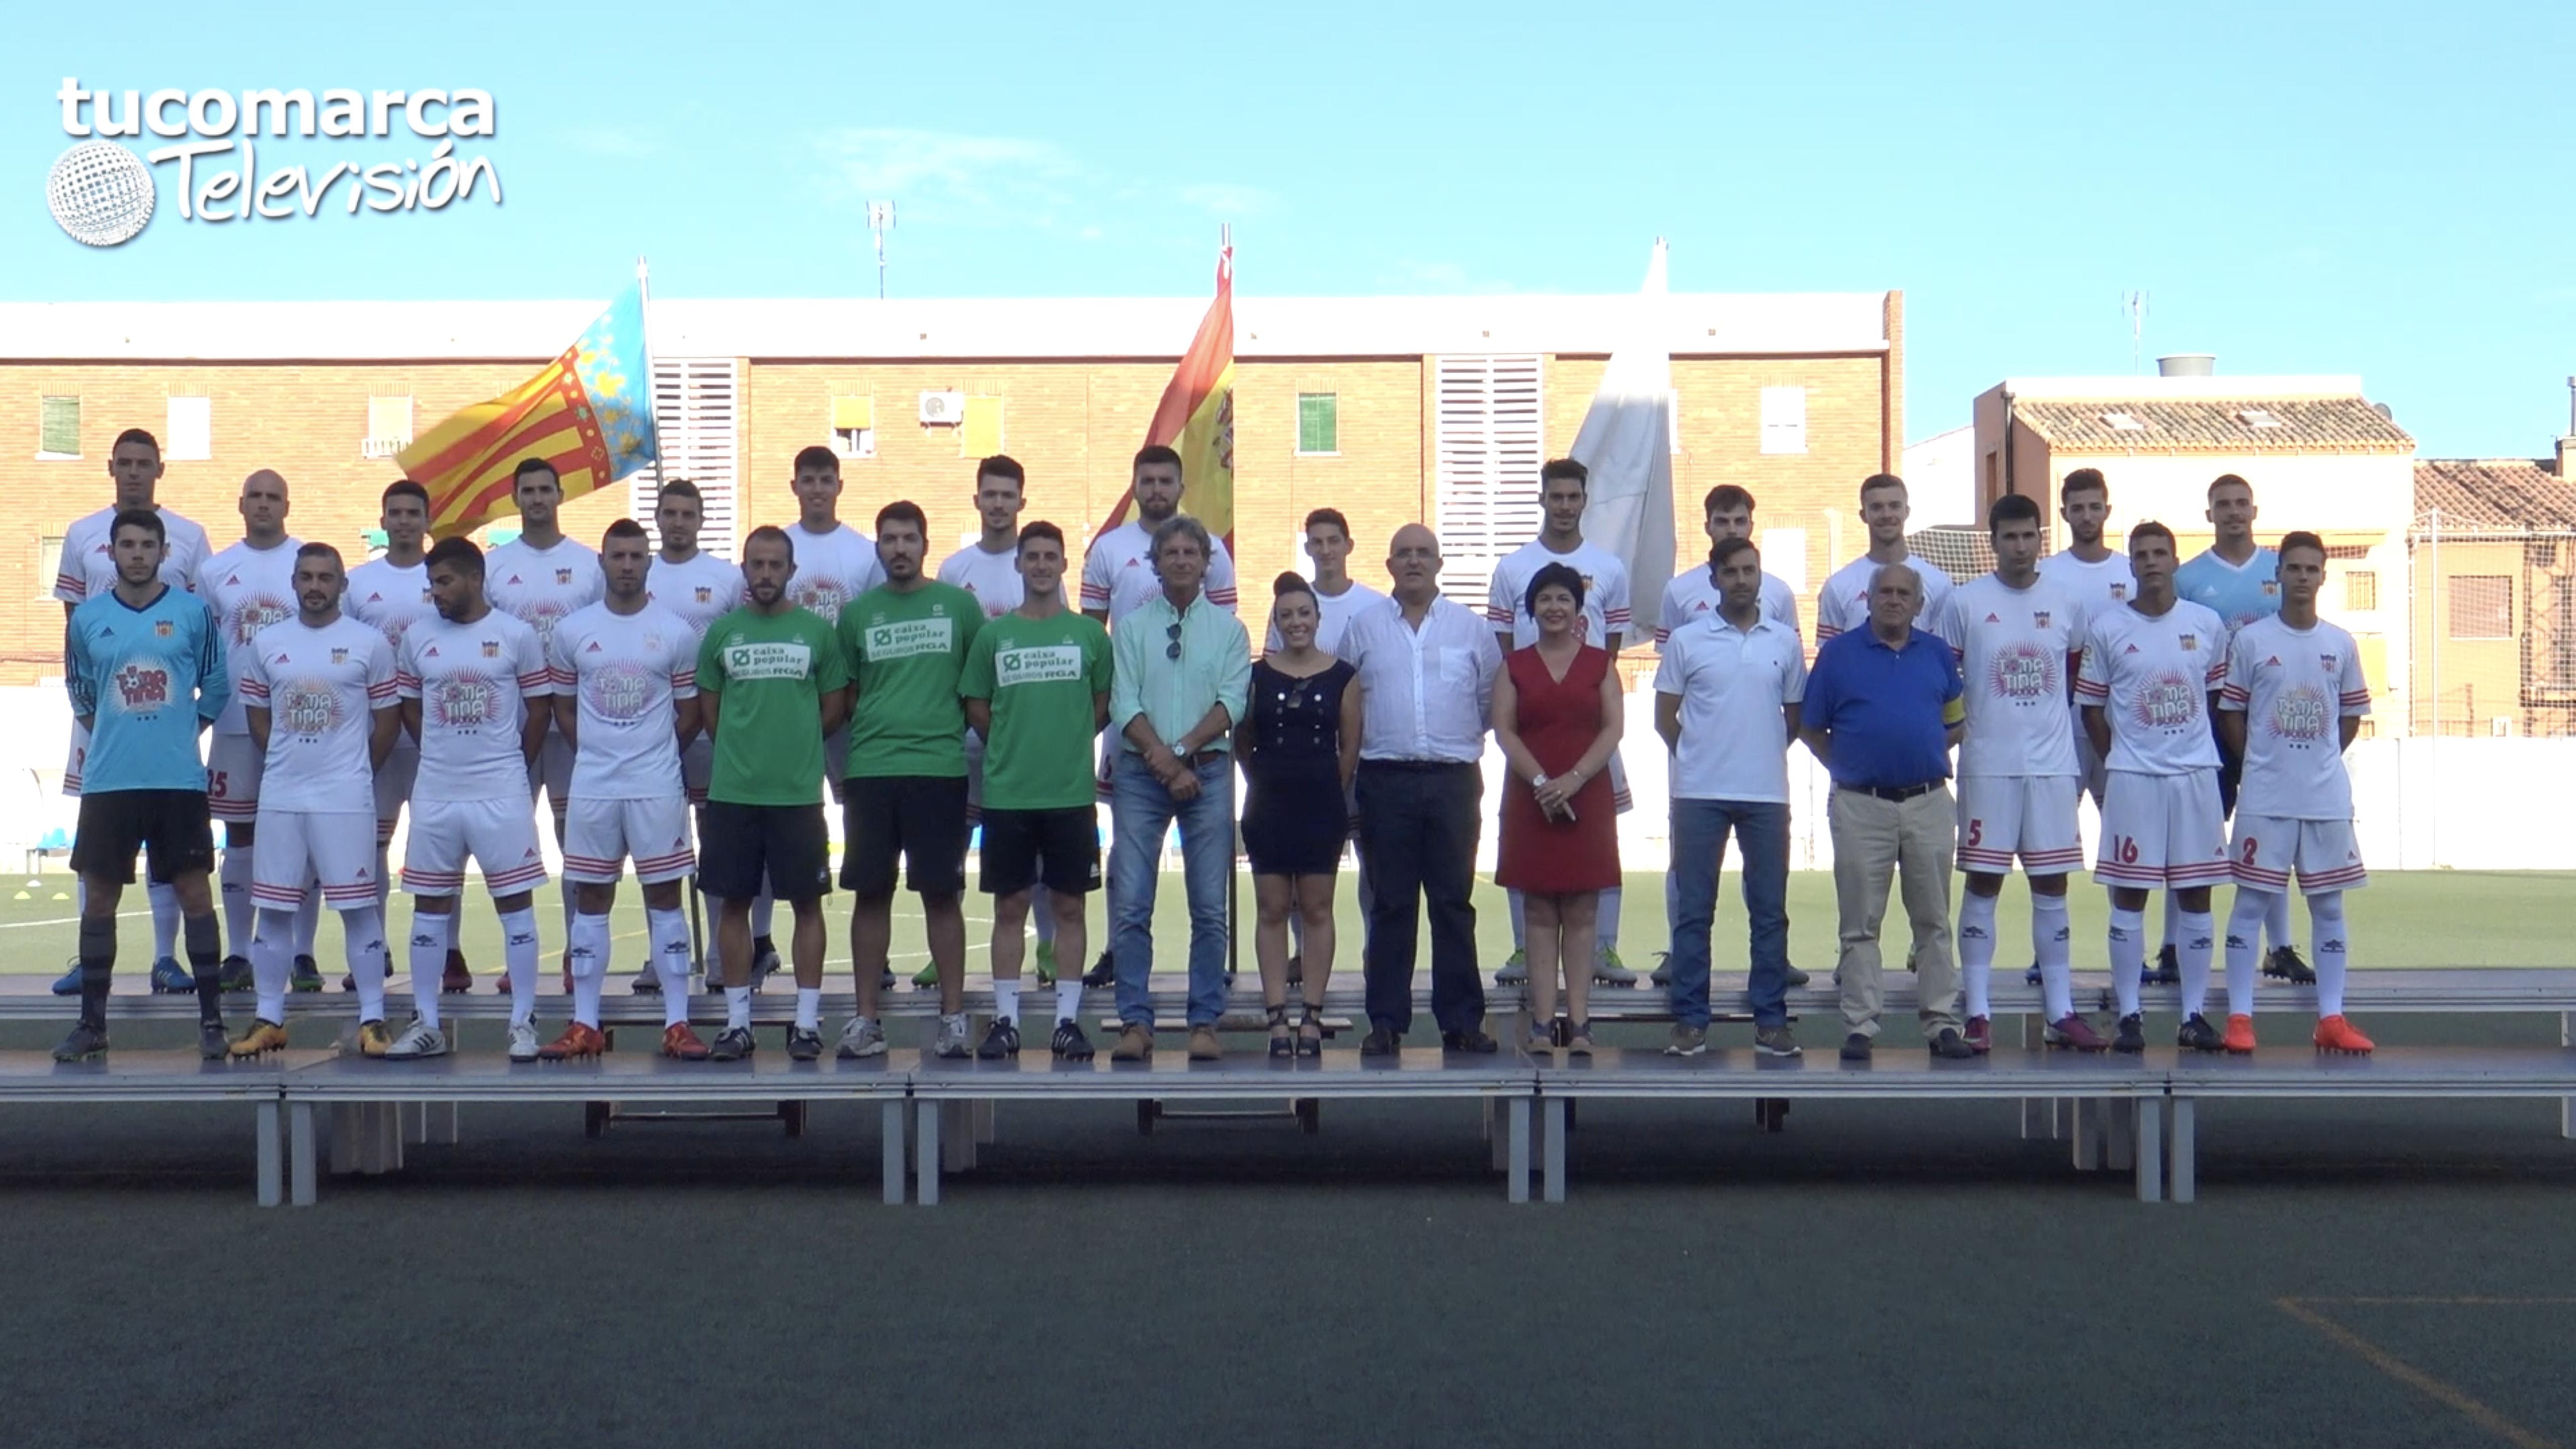 Plantilla, directiva y cuerpo técnico del CD Buñol para la temporada 2017-18 durante la presentación en el Beltrán Báguena.